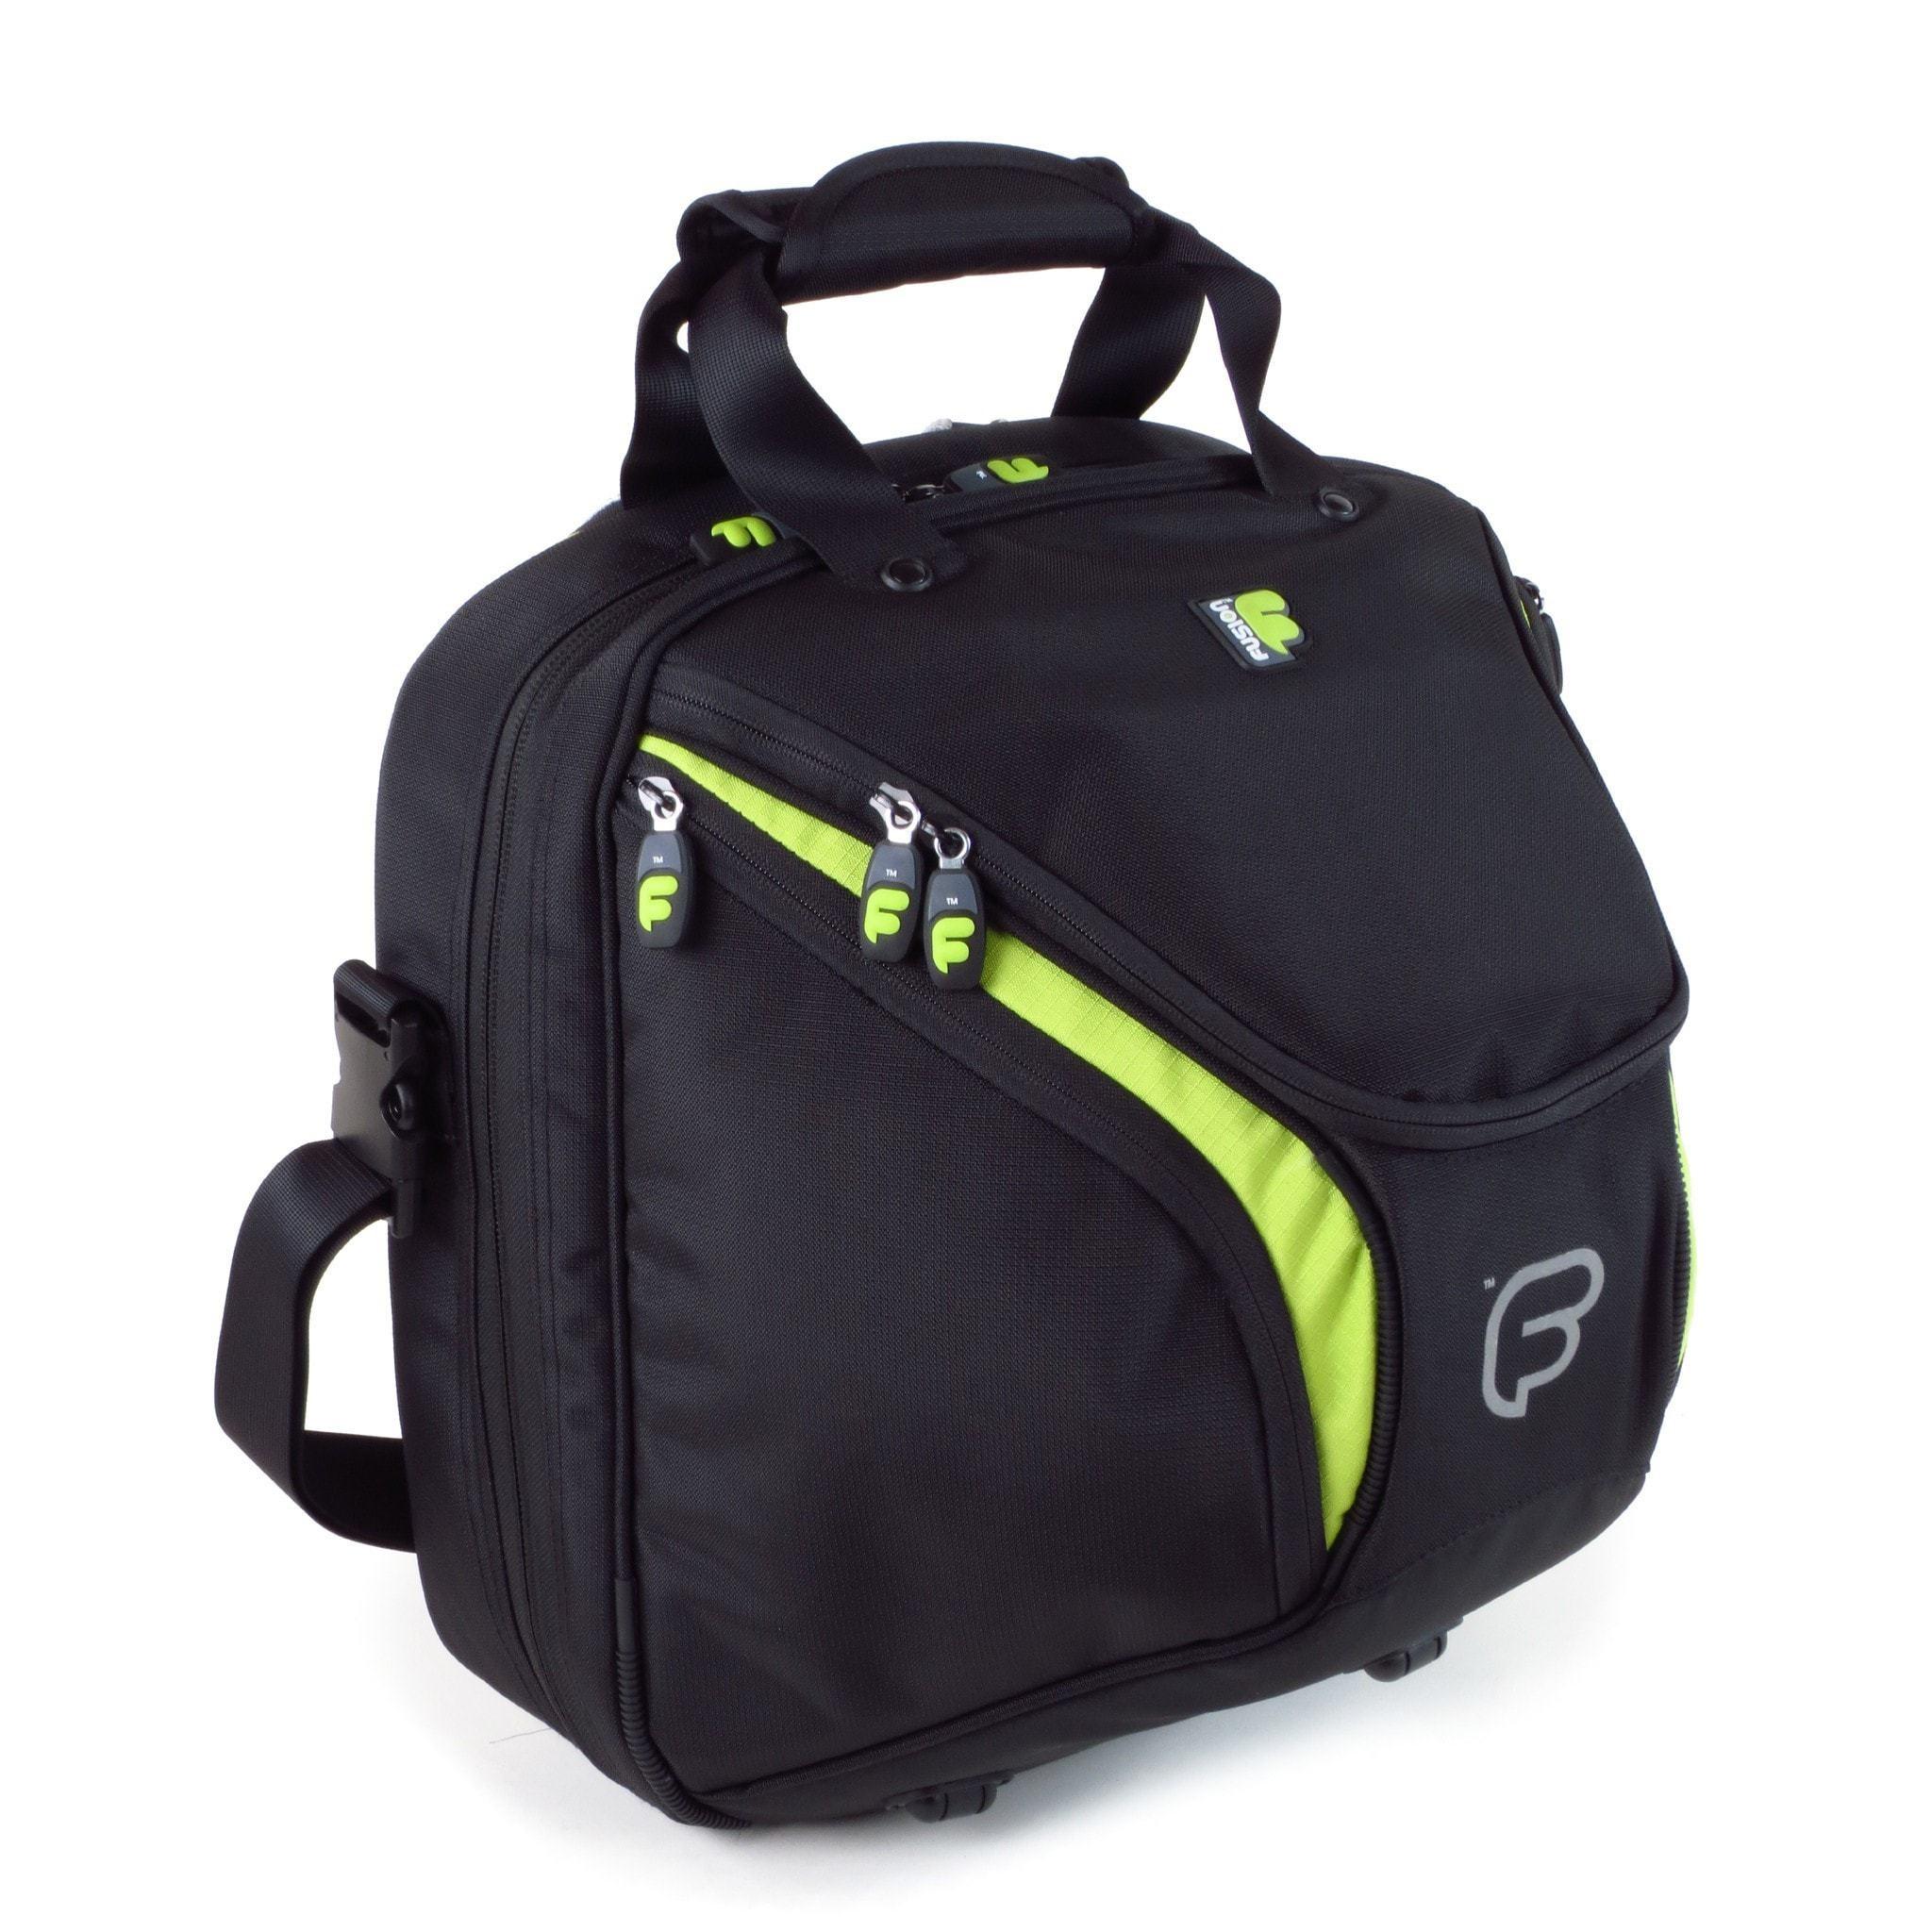 Fusion Premium - D Black/Lime